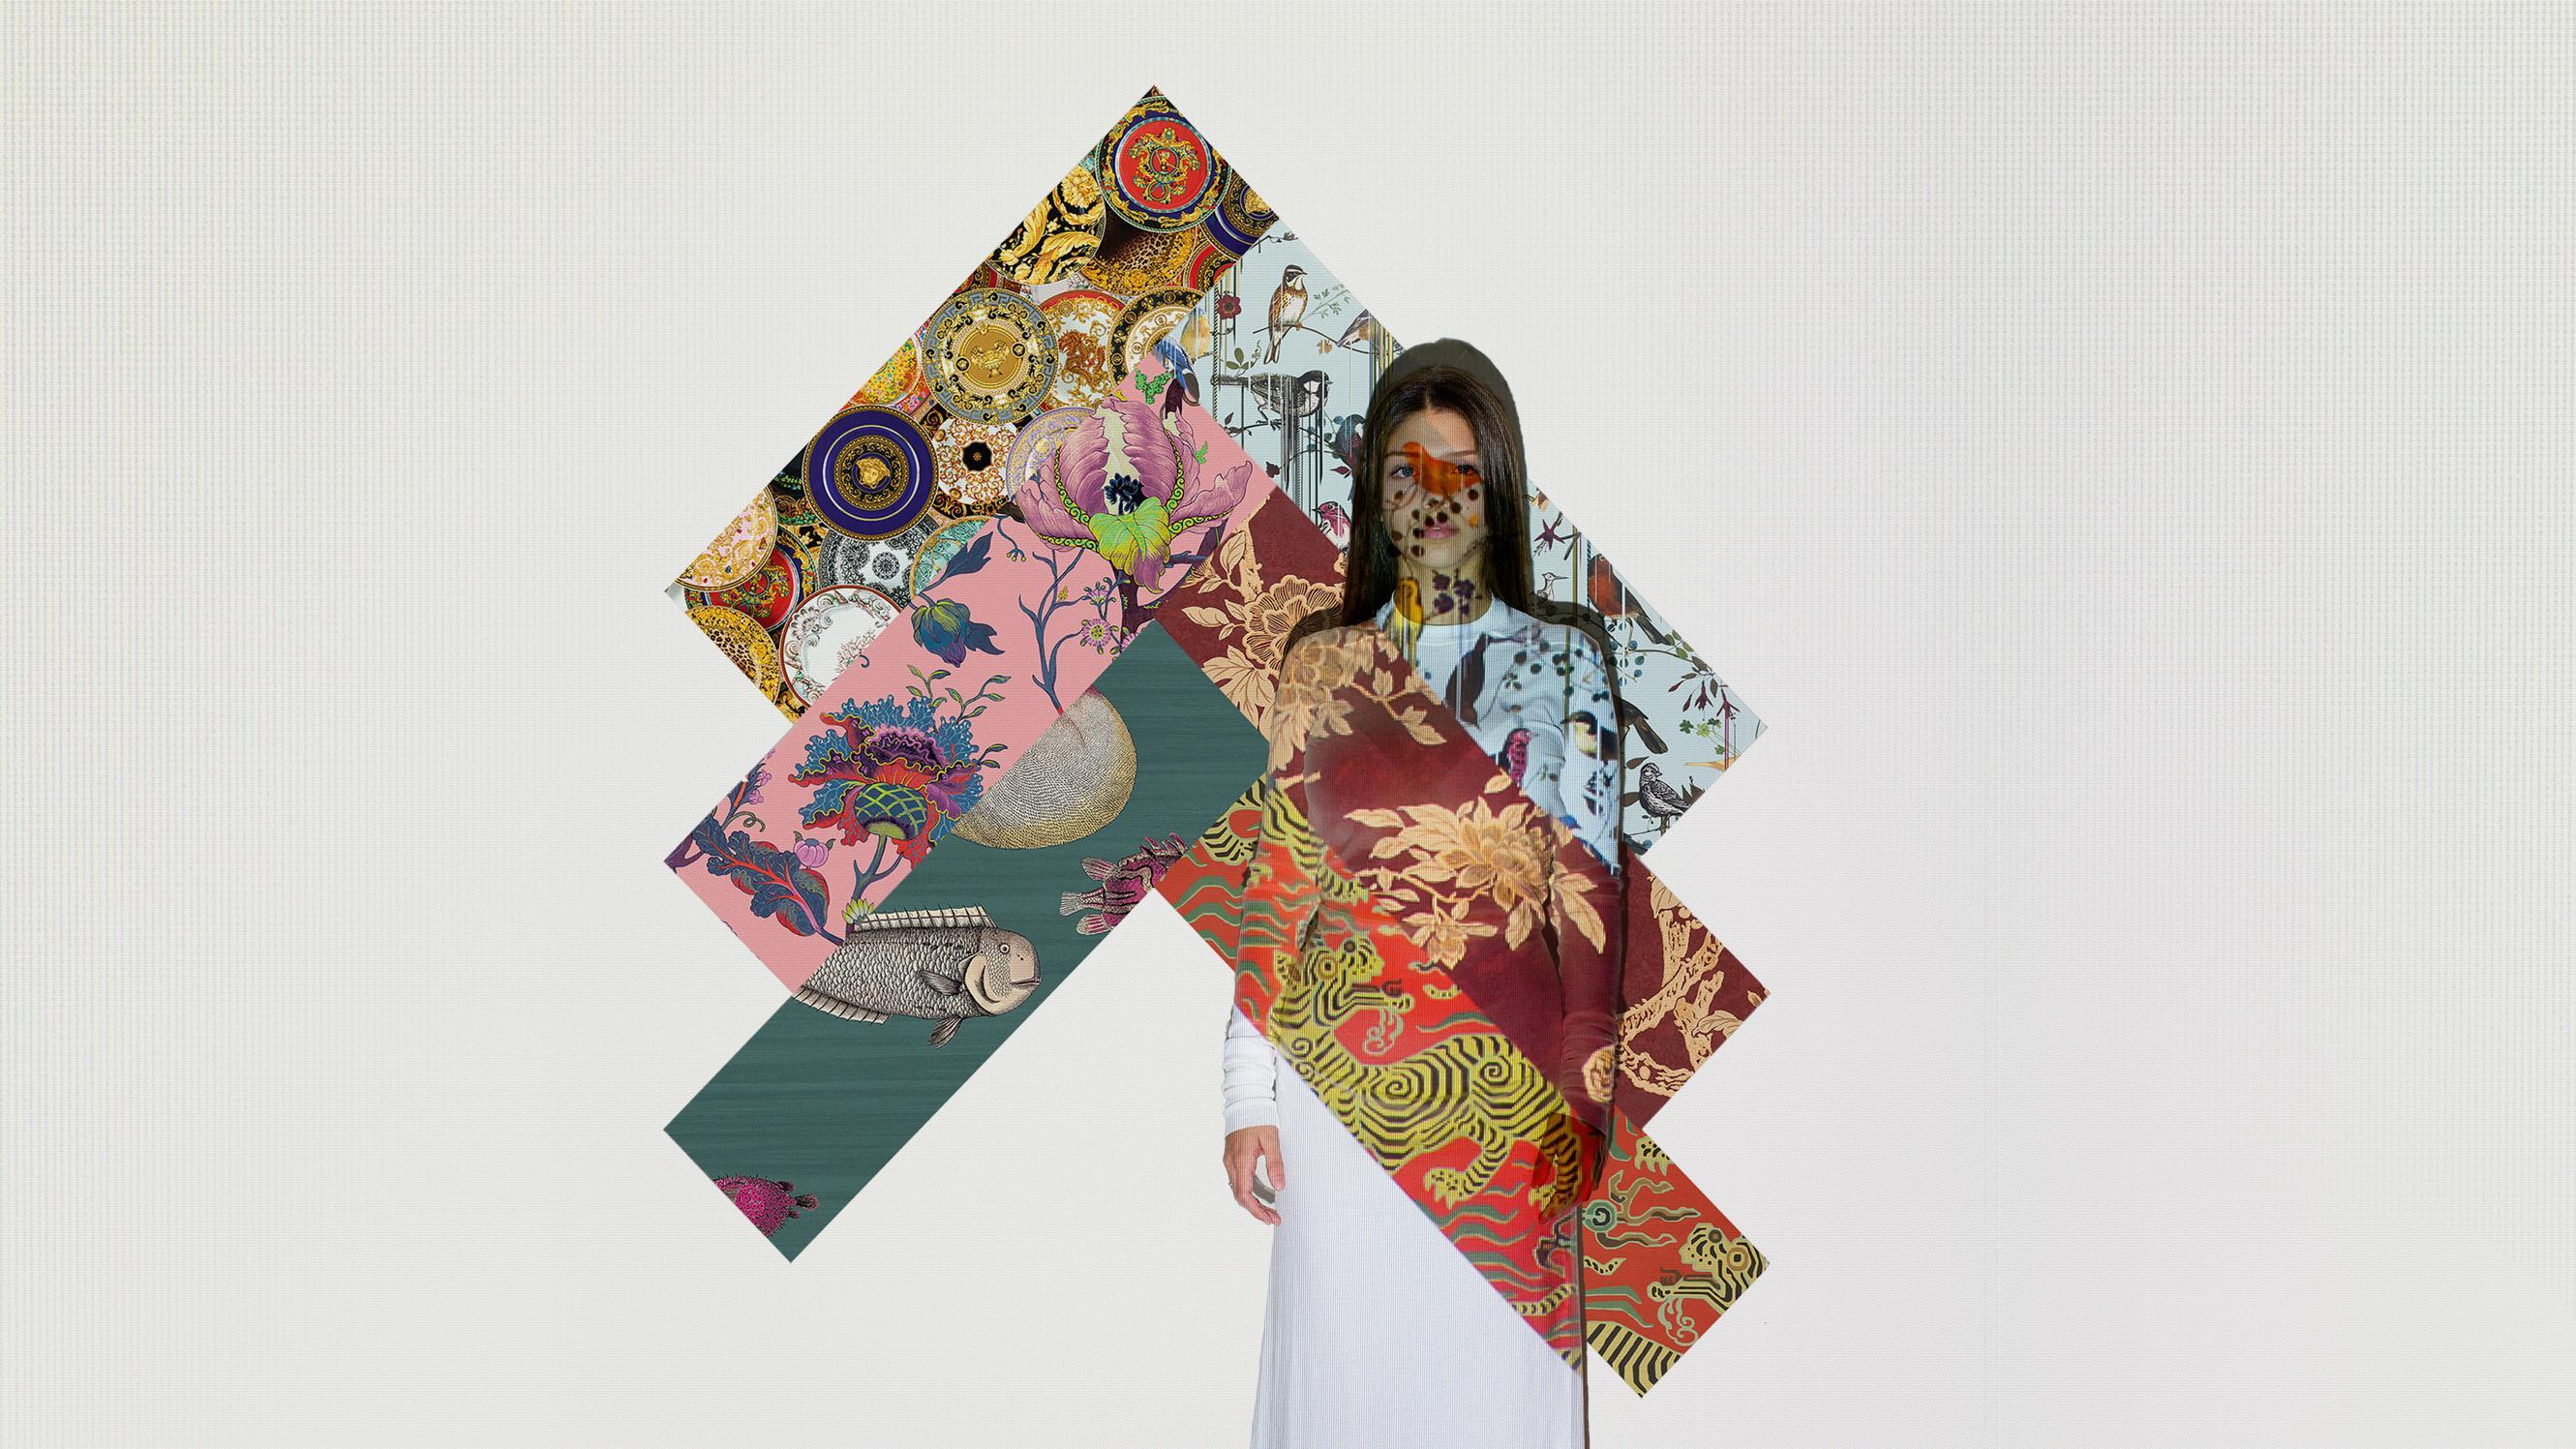 Six daring wallpapers